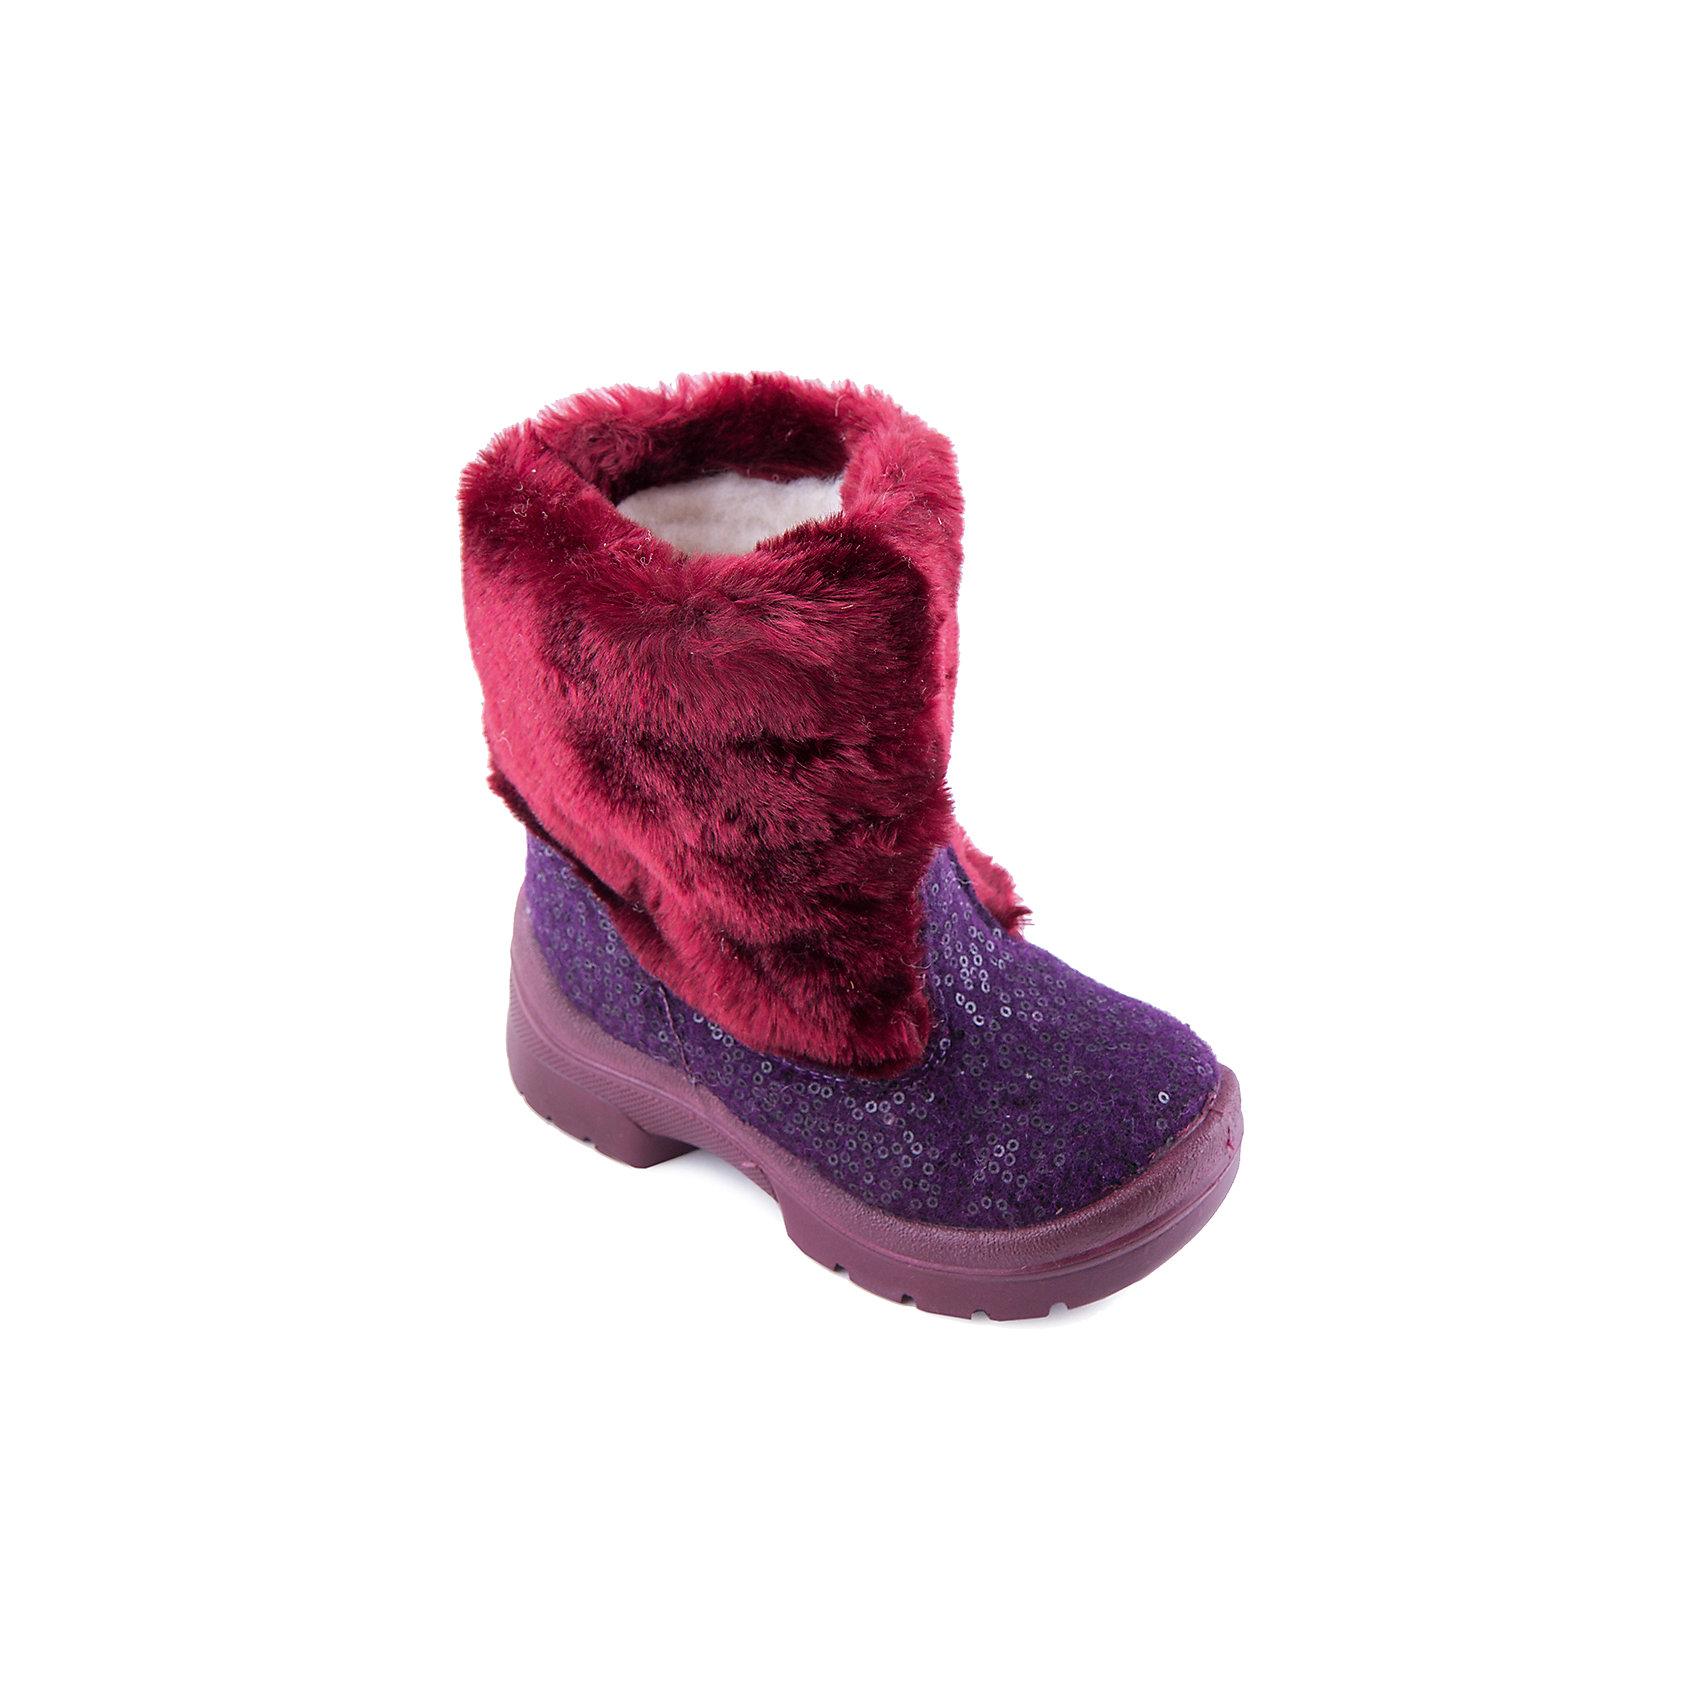 Валенки Мишель для девочки ФилипокВаленки<br>Характеристики товара:<br><br>• цвет: бордовый<br>• температурный режим: от -5° С до -30° С<br>• внешний материал: эко-войлок (натуральная шерсть)<br>• подкладка: натуральная овечья шерсть<br>• стелька: шерстяной войлок (3,5 мм)<br>• подошва: литая, полиуретан<br>• декорированы искусственным мехом и пайетками<br>• подошва с анти скользящей с системой протектора anti slip<br>• защита носка - натуральная кожа с износостойкой пропиткой<br>• усиленная пятка<br>• толстая устойчивая подошва<br>• страна бренда: РФ<br>• страна изготовитель: РФ<br><br>Очень теплые и удобные валенки для ребенка от известного бренда детской обуви Филипок созданы специально для русской зимы. Качественные материалы с пропиткой против попадания воды внутрь и модный дизайн понравятся и малышам и их родителям. Подошва и стелька обеспечат ребенку комфорт, сухость и тепло, позволяя в полной мере наслаждаться зимним отдыхом. Усиленная защита пятки и носка обеспечивает дополнительную безопасность детских ног в этих сапожках.<br>Эта красивая и удобная обувь прослужит долго благодаря отличному качеству. Производитель анти скользящее покрытие и амортизирующие свойства подошвы! Модель производится из качественных и проверенных материалов, которые безопасны для детей.<br><br>Валенки для девочки от бренда Филипок можно купить в нашем интернет-магазине.<br><br>Ширина мм: 257<br>Глубина мм: 180<br>Высота мм: 130<br>Вес г: 420<br>Цвет: бордовый<br>Возраст от месяцев: 21<br>Возраст до месяцев: 24<br>Пол: Женский<br>Возраст: Детский<br>Размер: 24,31,29,26,25,30,27,28,32<br>SKU: 3756775